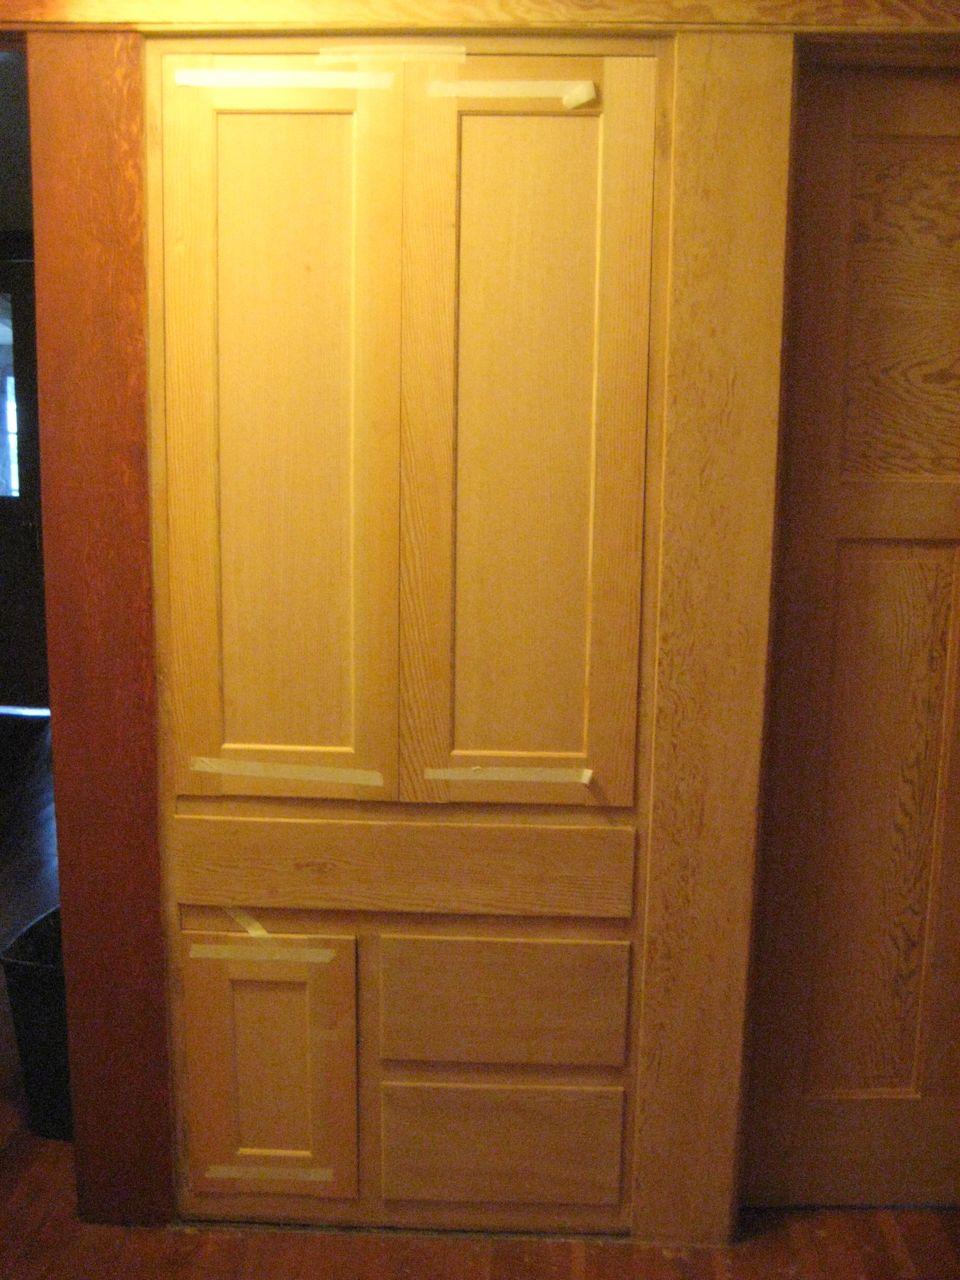 Laurelhurst Craftsman Bungalow: New Linen Cabinet Doors